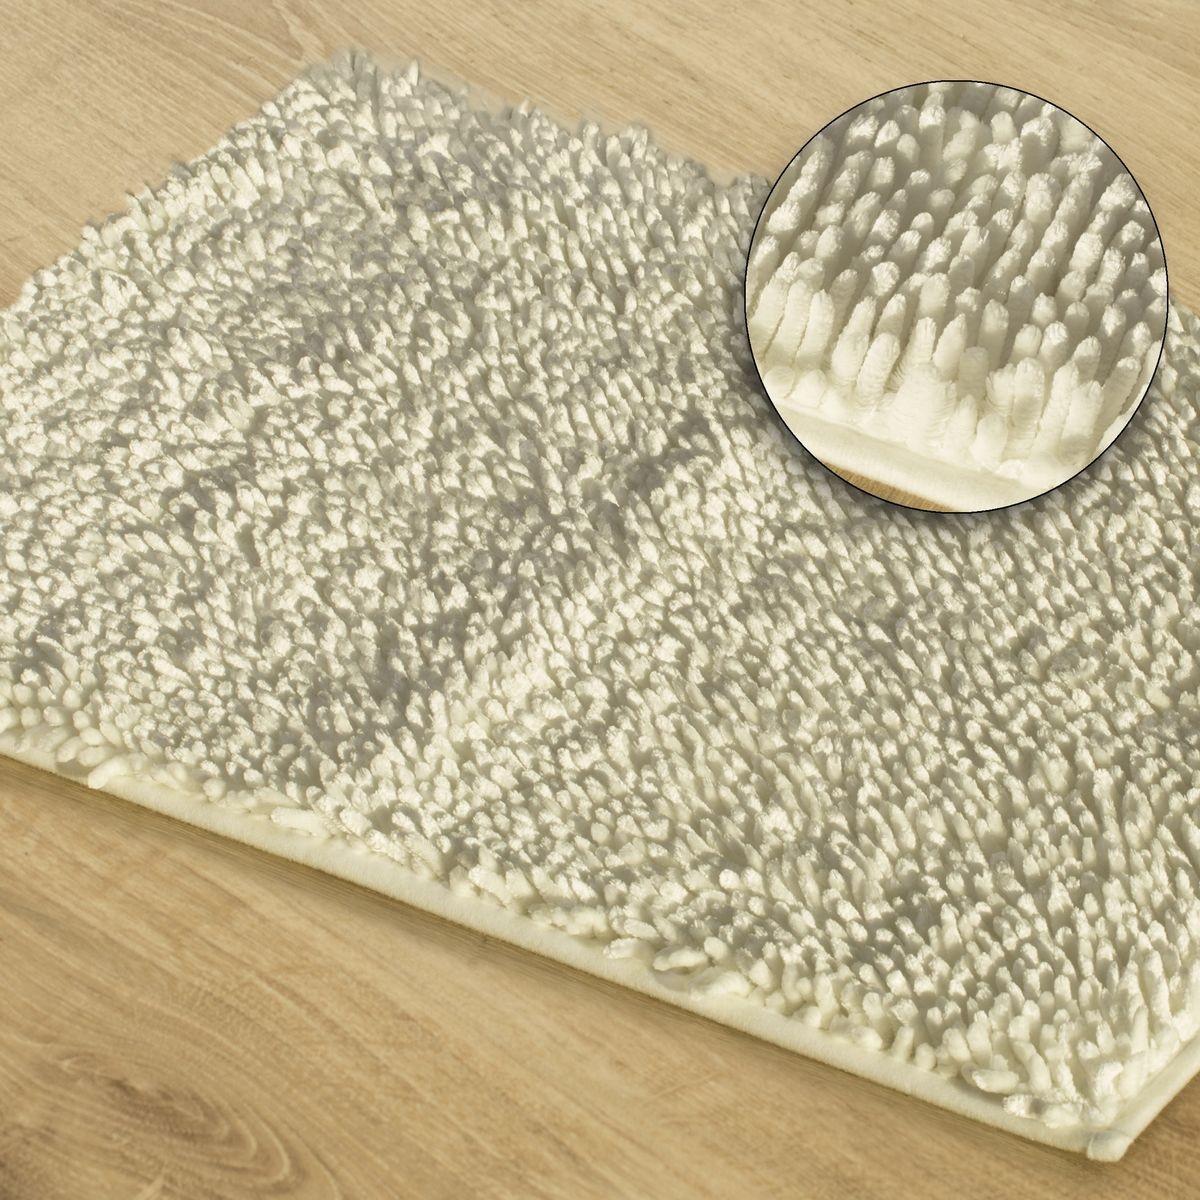 DomTextilu Kúpeľňový koberec v krémovej farbe Šírka: 50 cm | Dĺžka: 70 cm 44463-208036